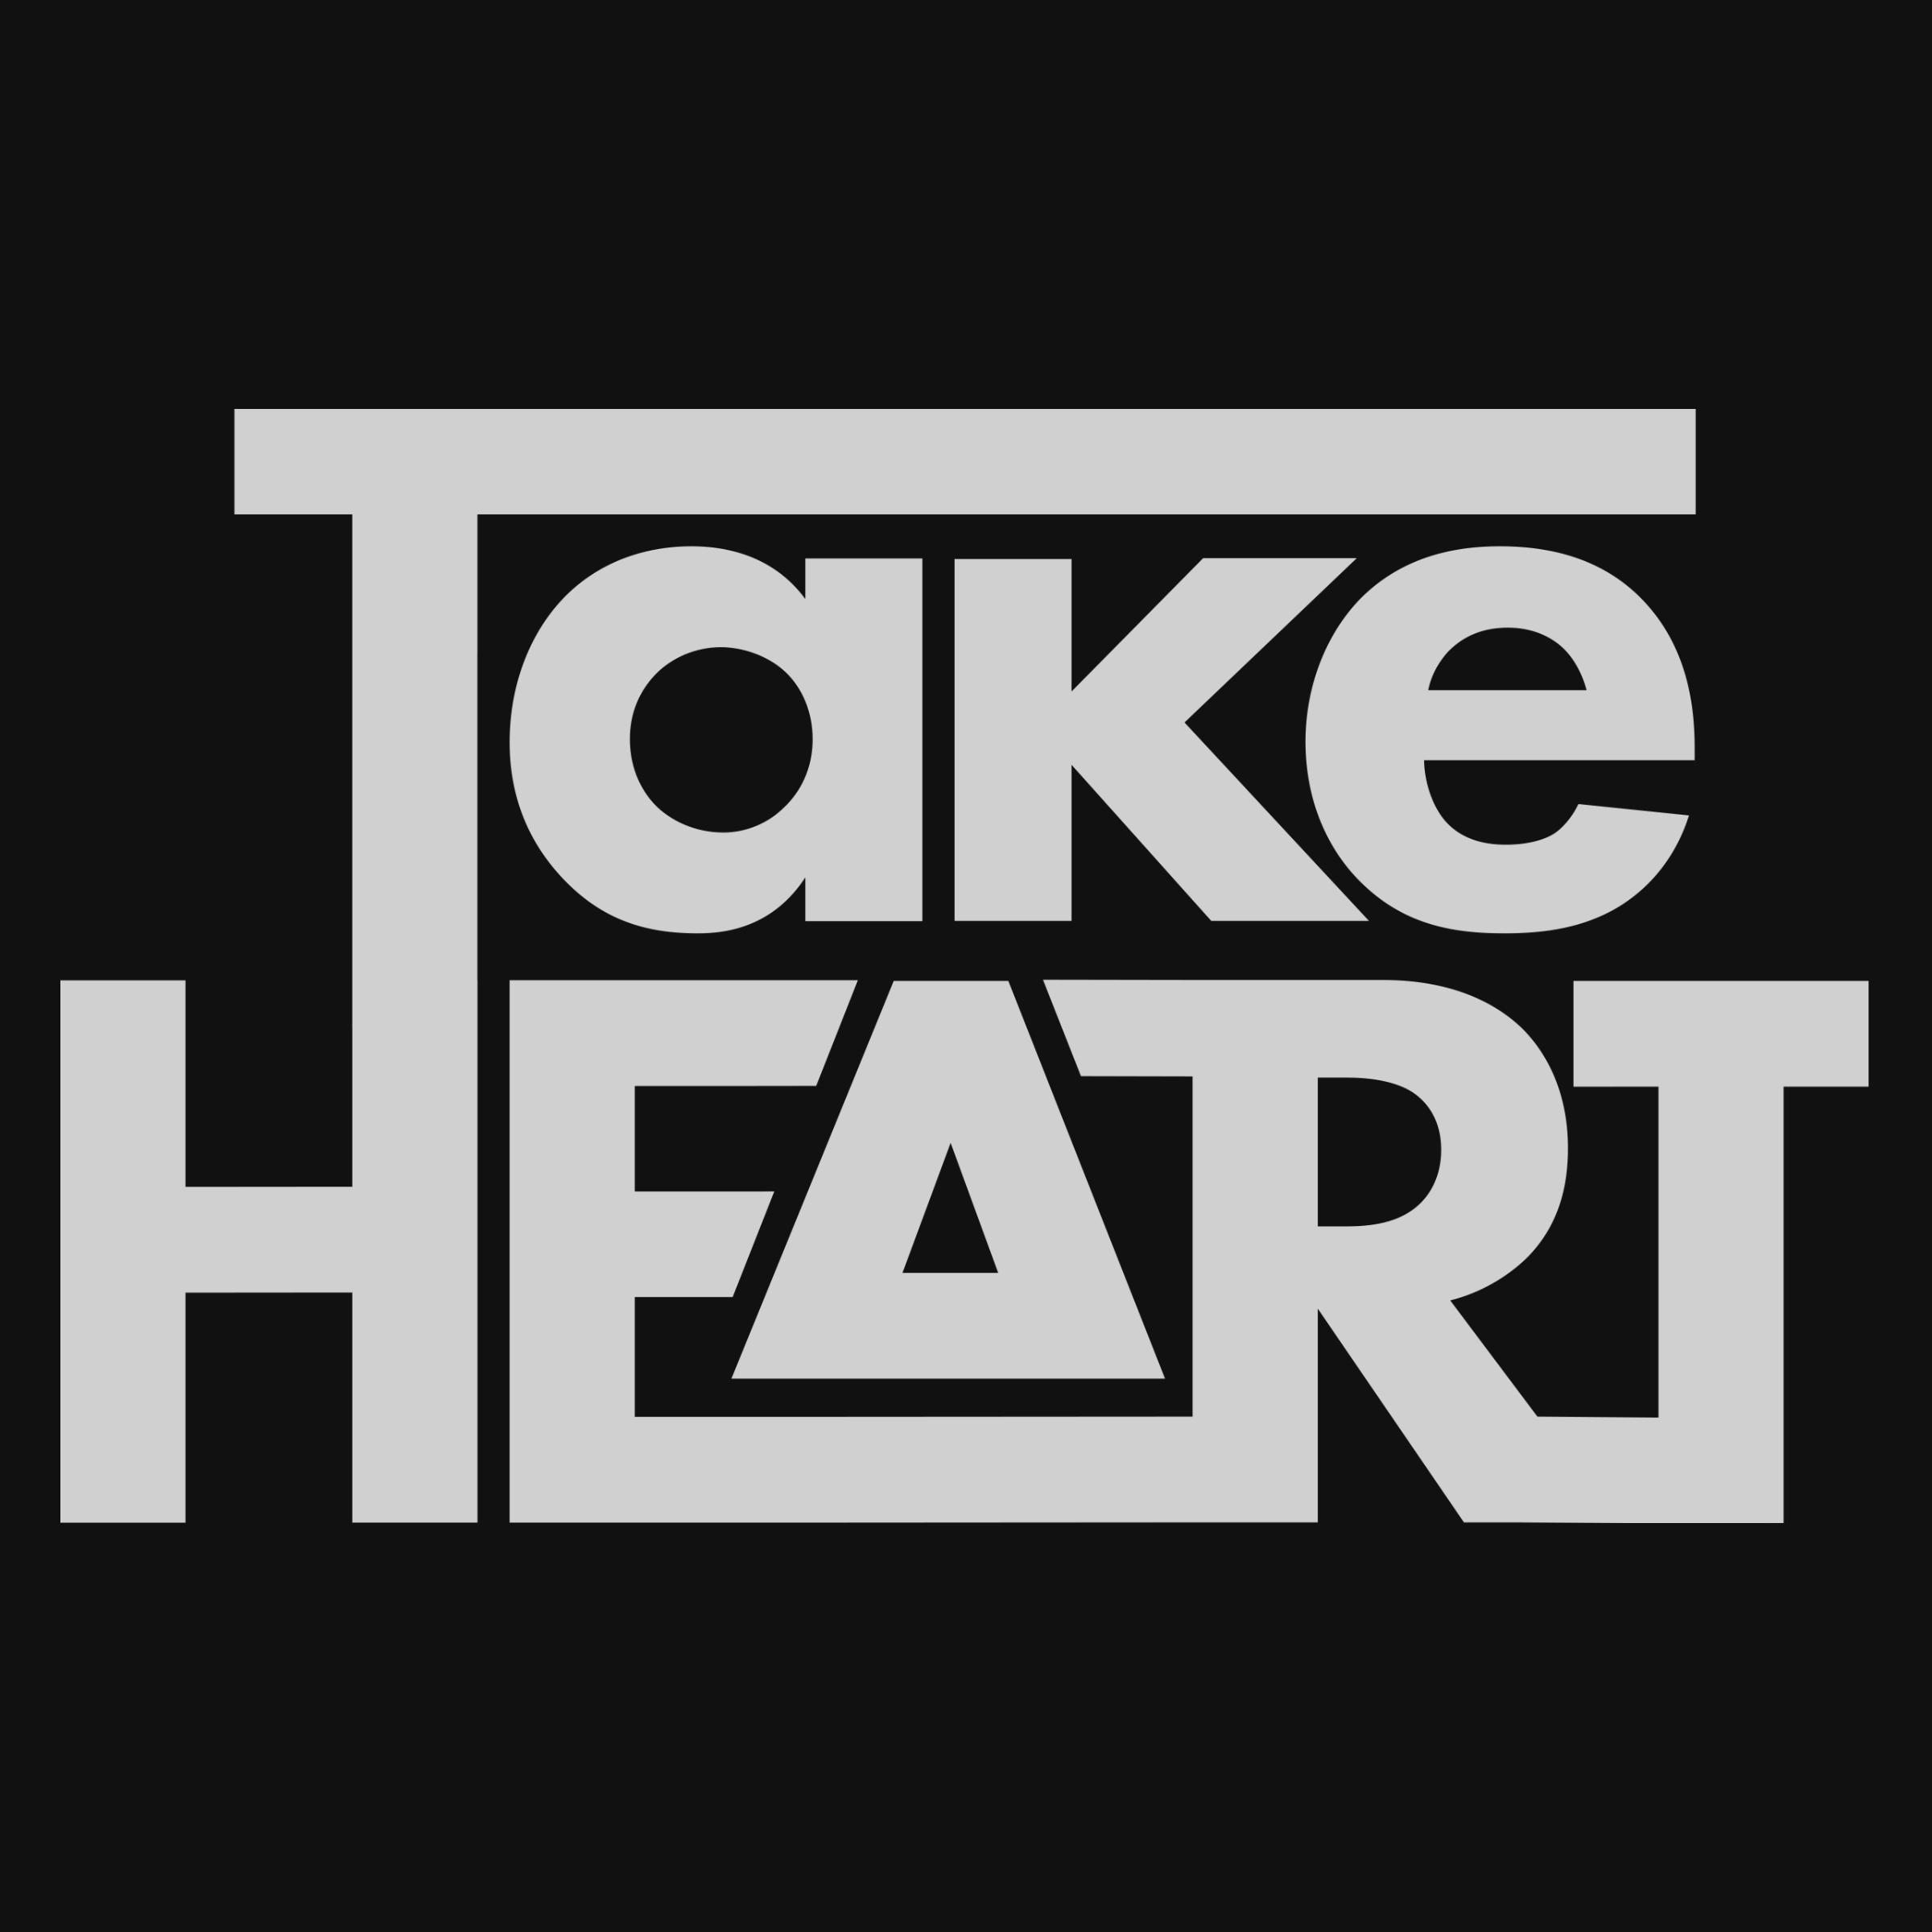 Take Heart Detail